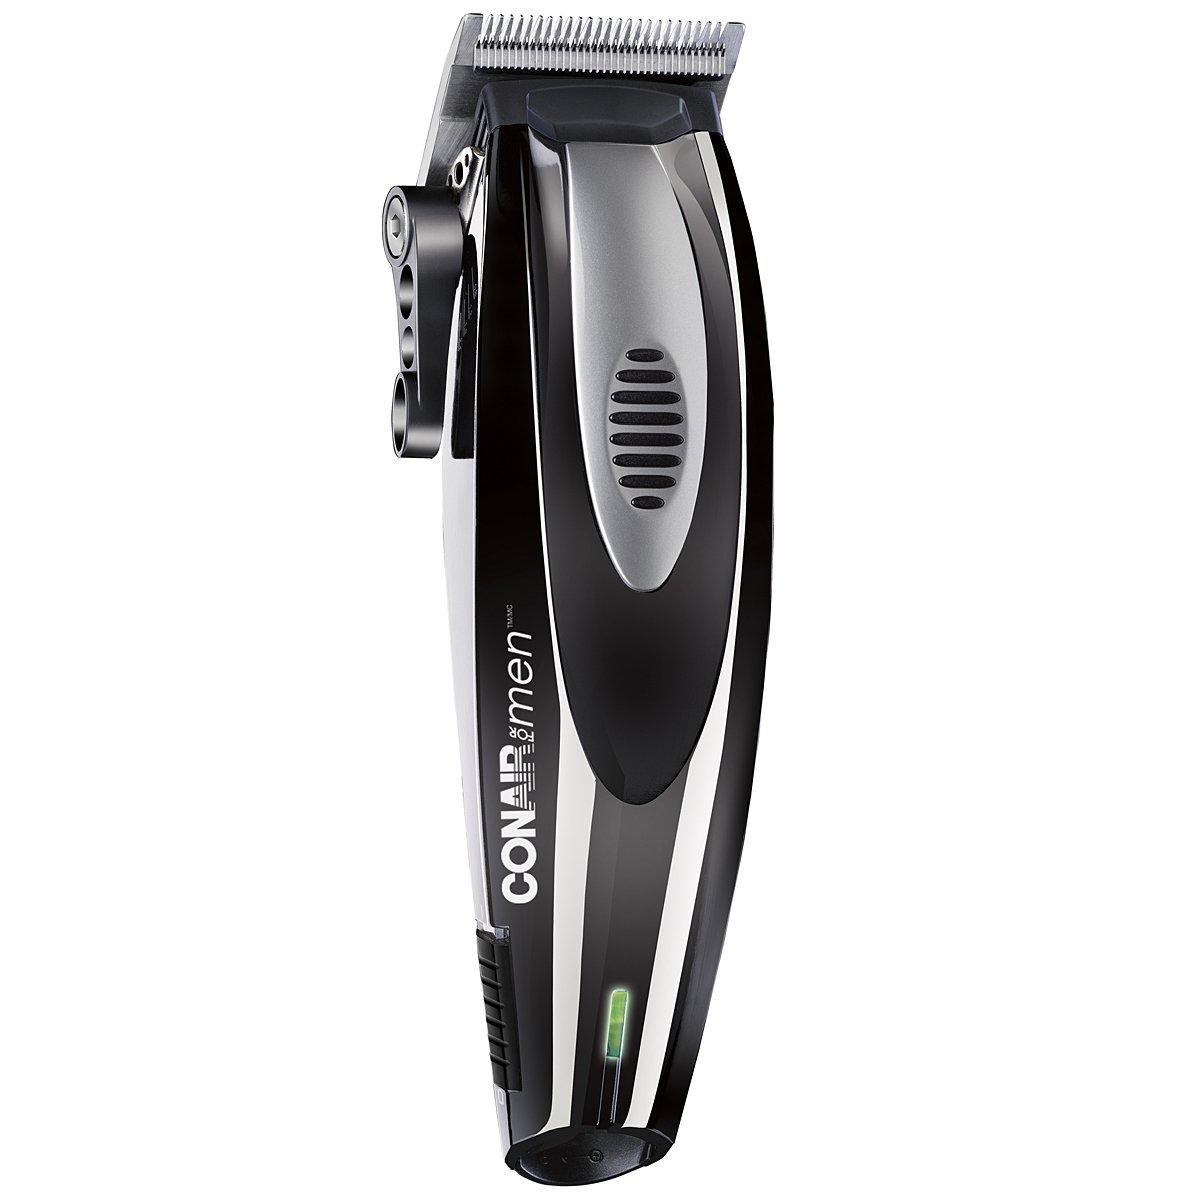 Conair for Men Titanium Hair and Beard Trimmer